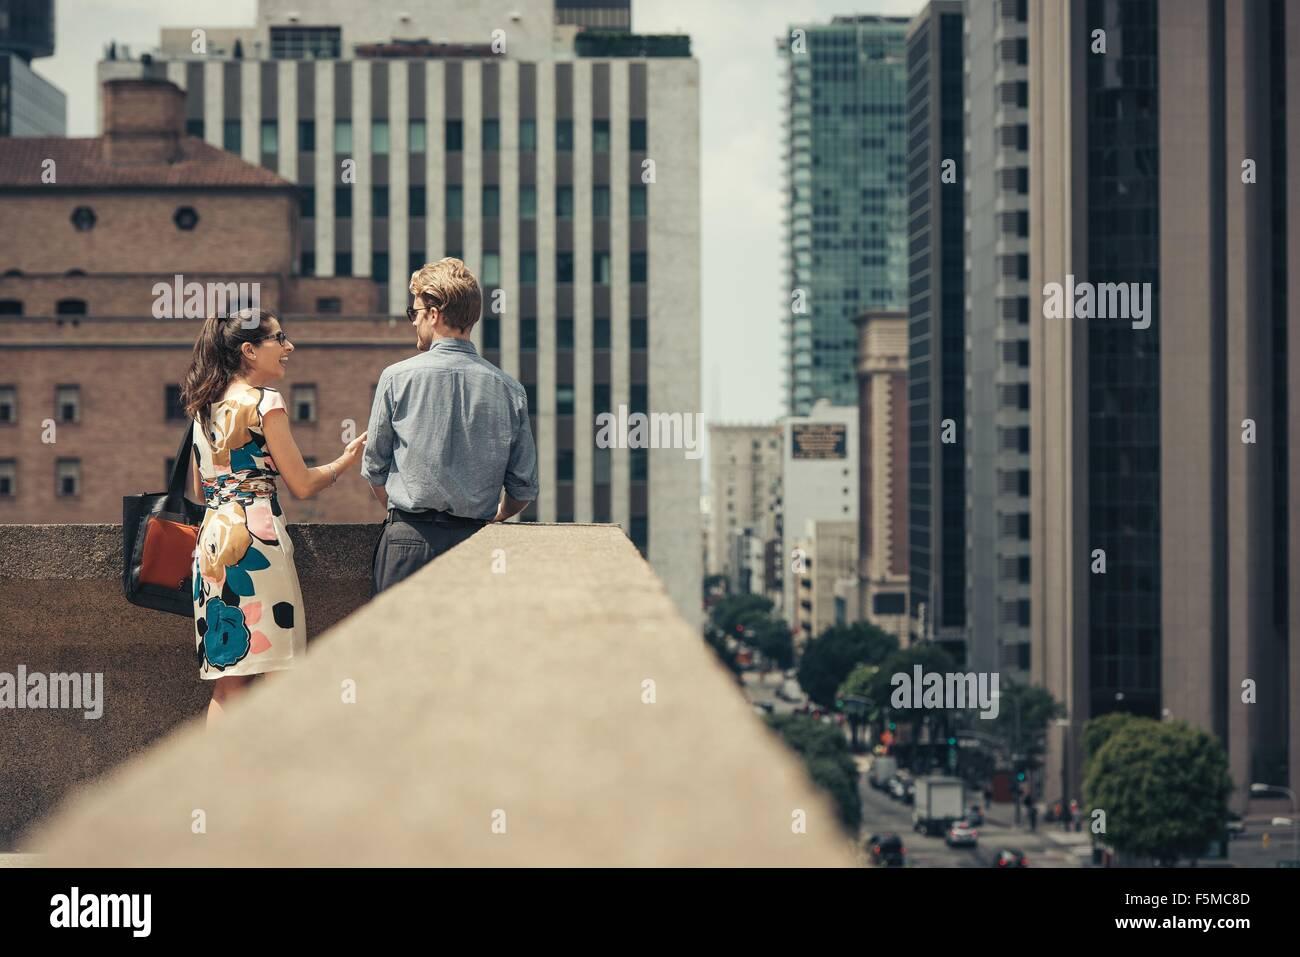 Imprenditore e la donna parlare sul tetto, Los Angeles, Stati Uniti d'America Immagini Stock